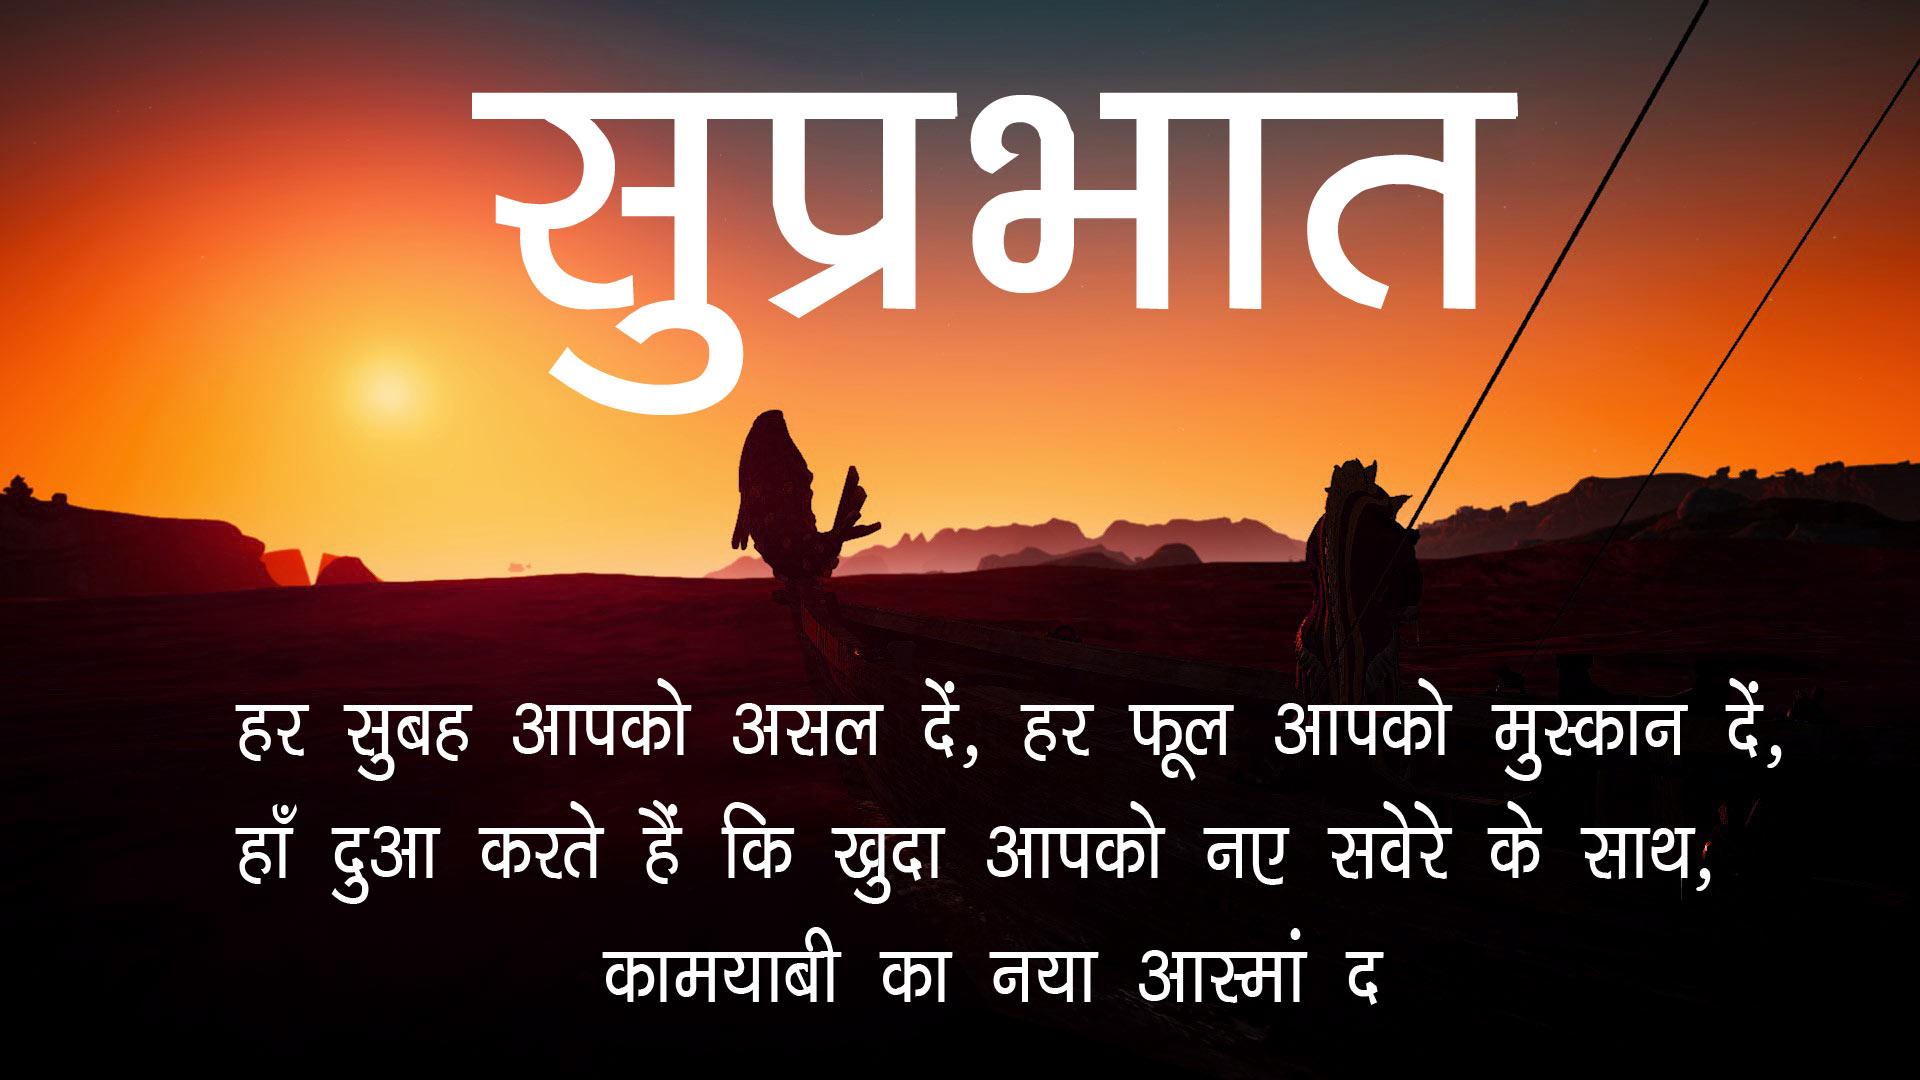 Good Morning Hindi Suvichar Images hd